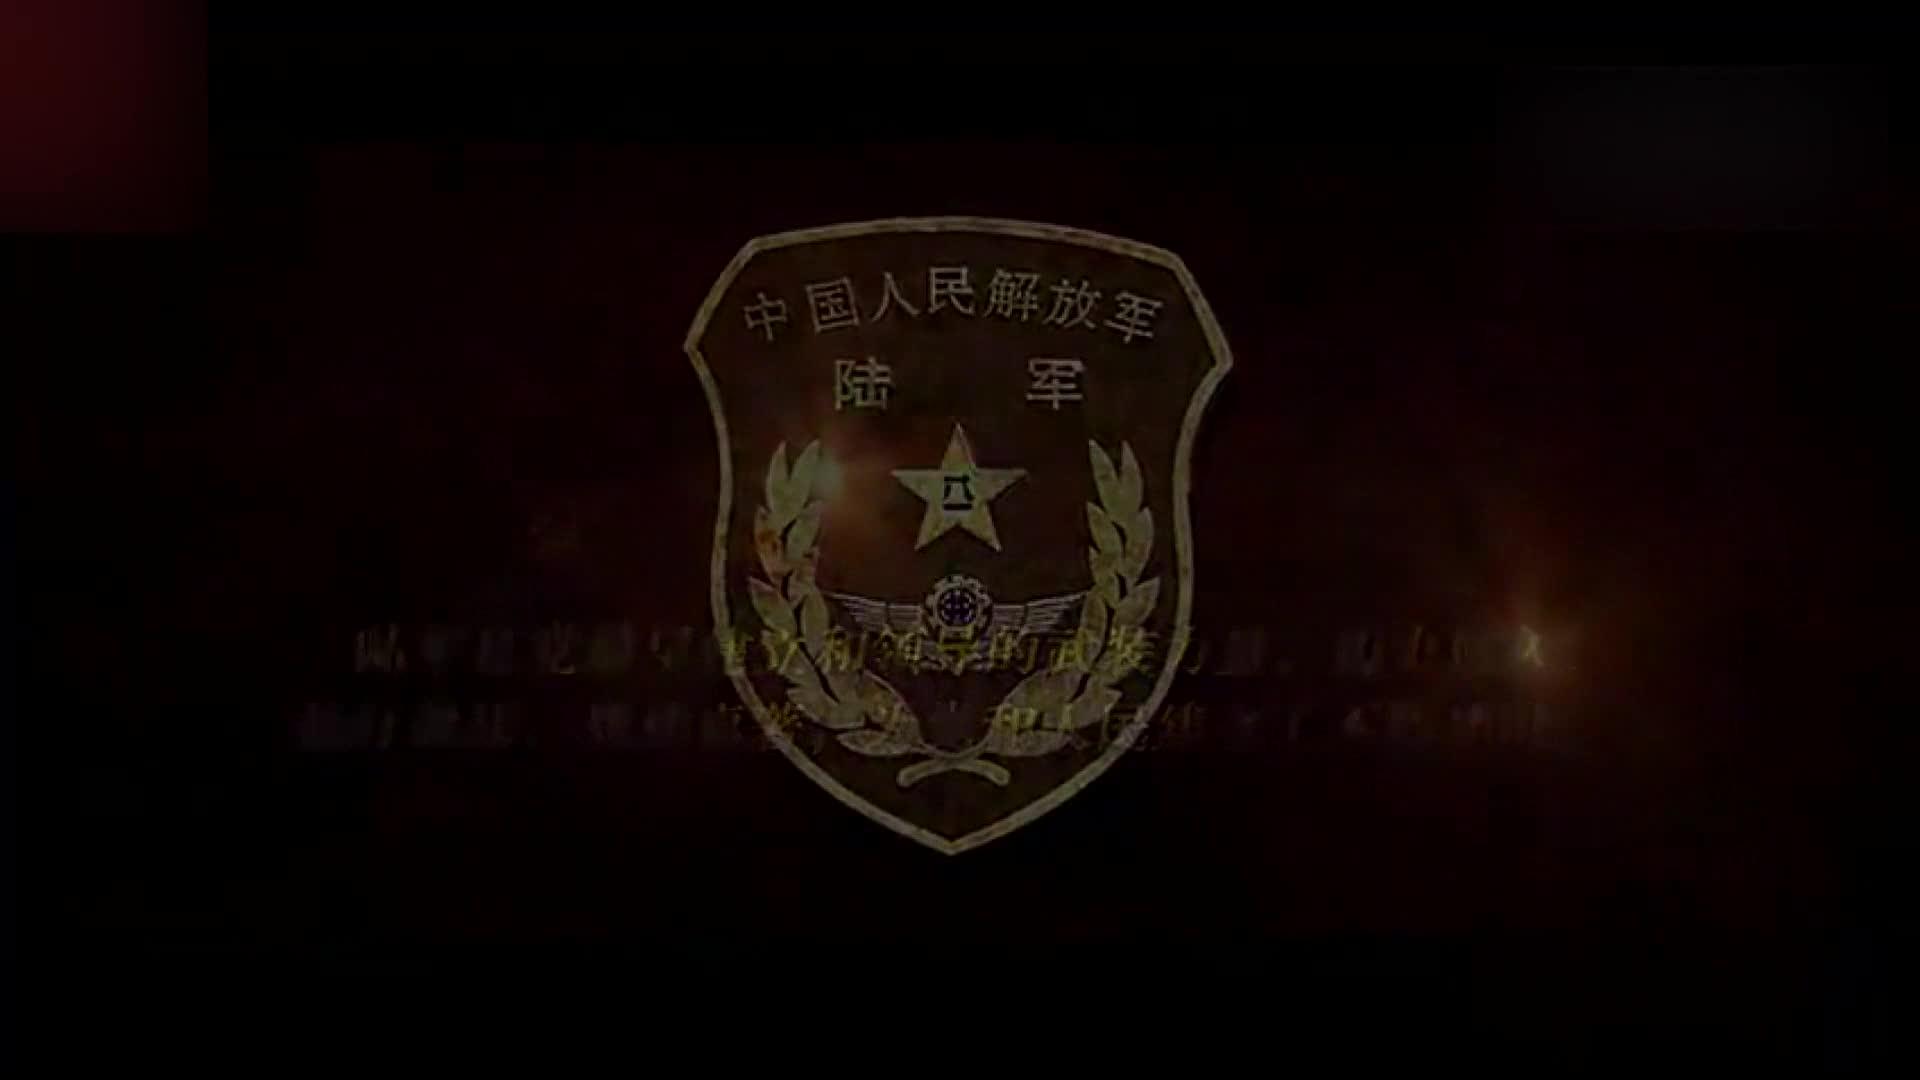 #陆军宣传片#陆军放出劲爆宣传铁血情怀激励热血青年投笔从戎